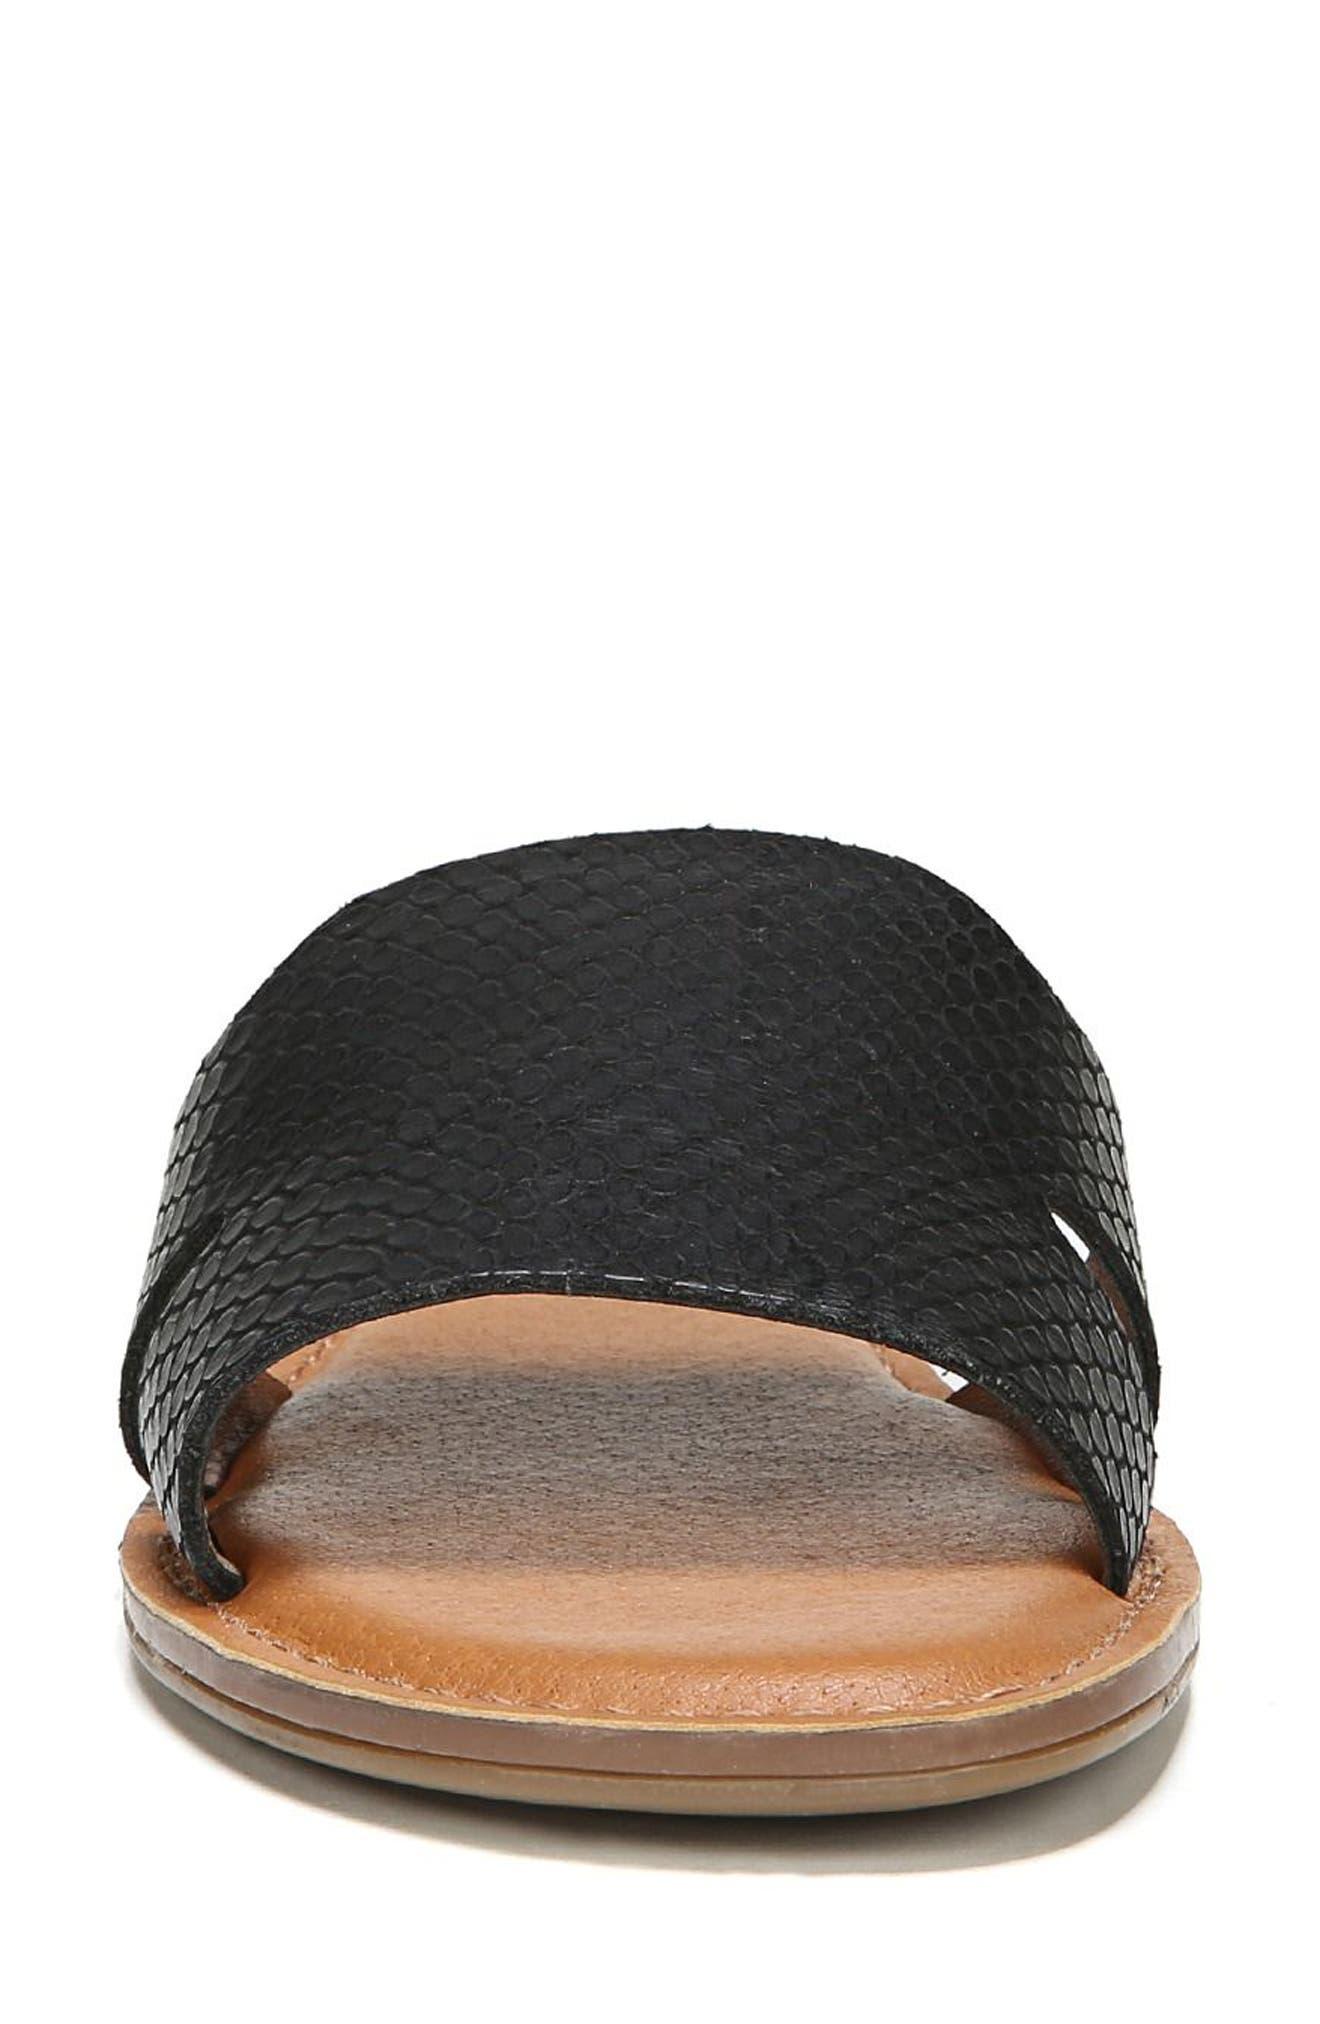 Ginelle Slide Sandal,                             Alternate thumbnail 4, color,                             001